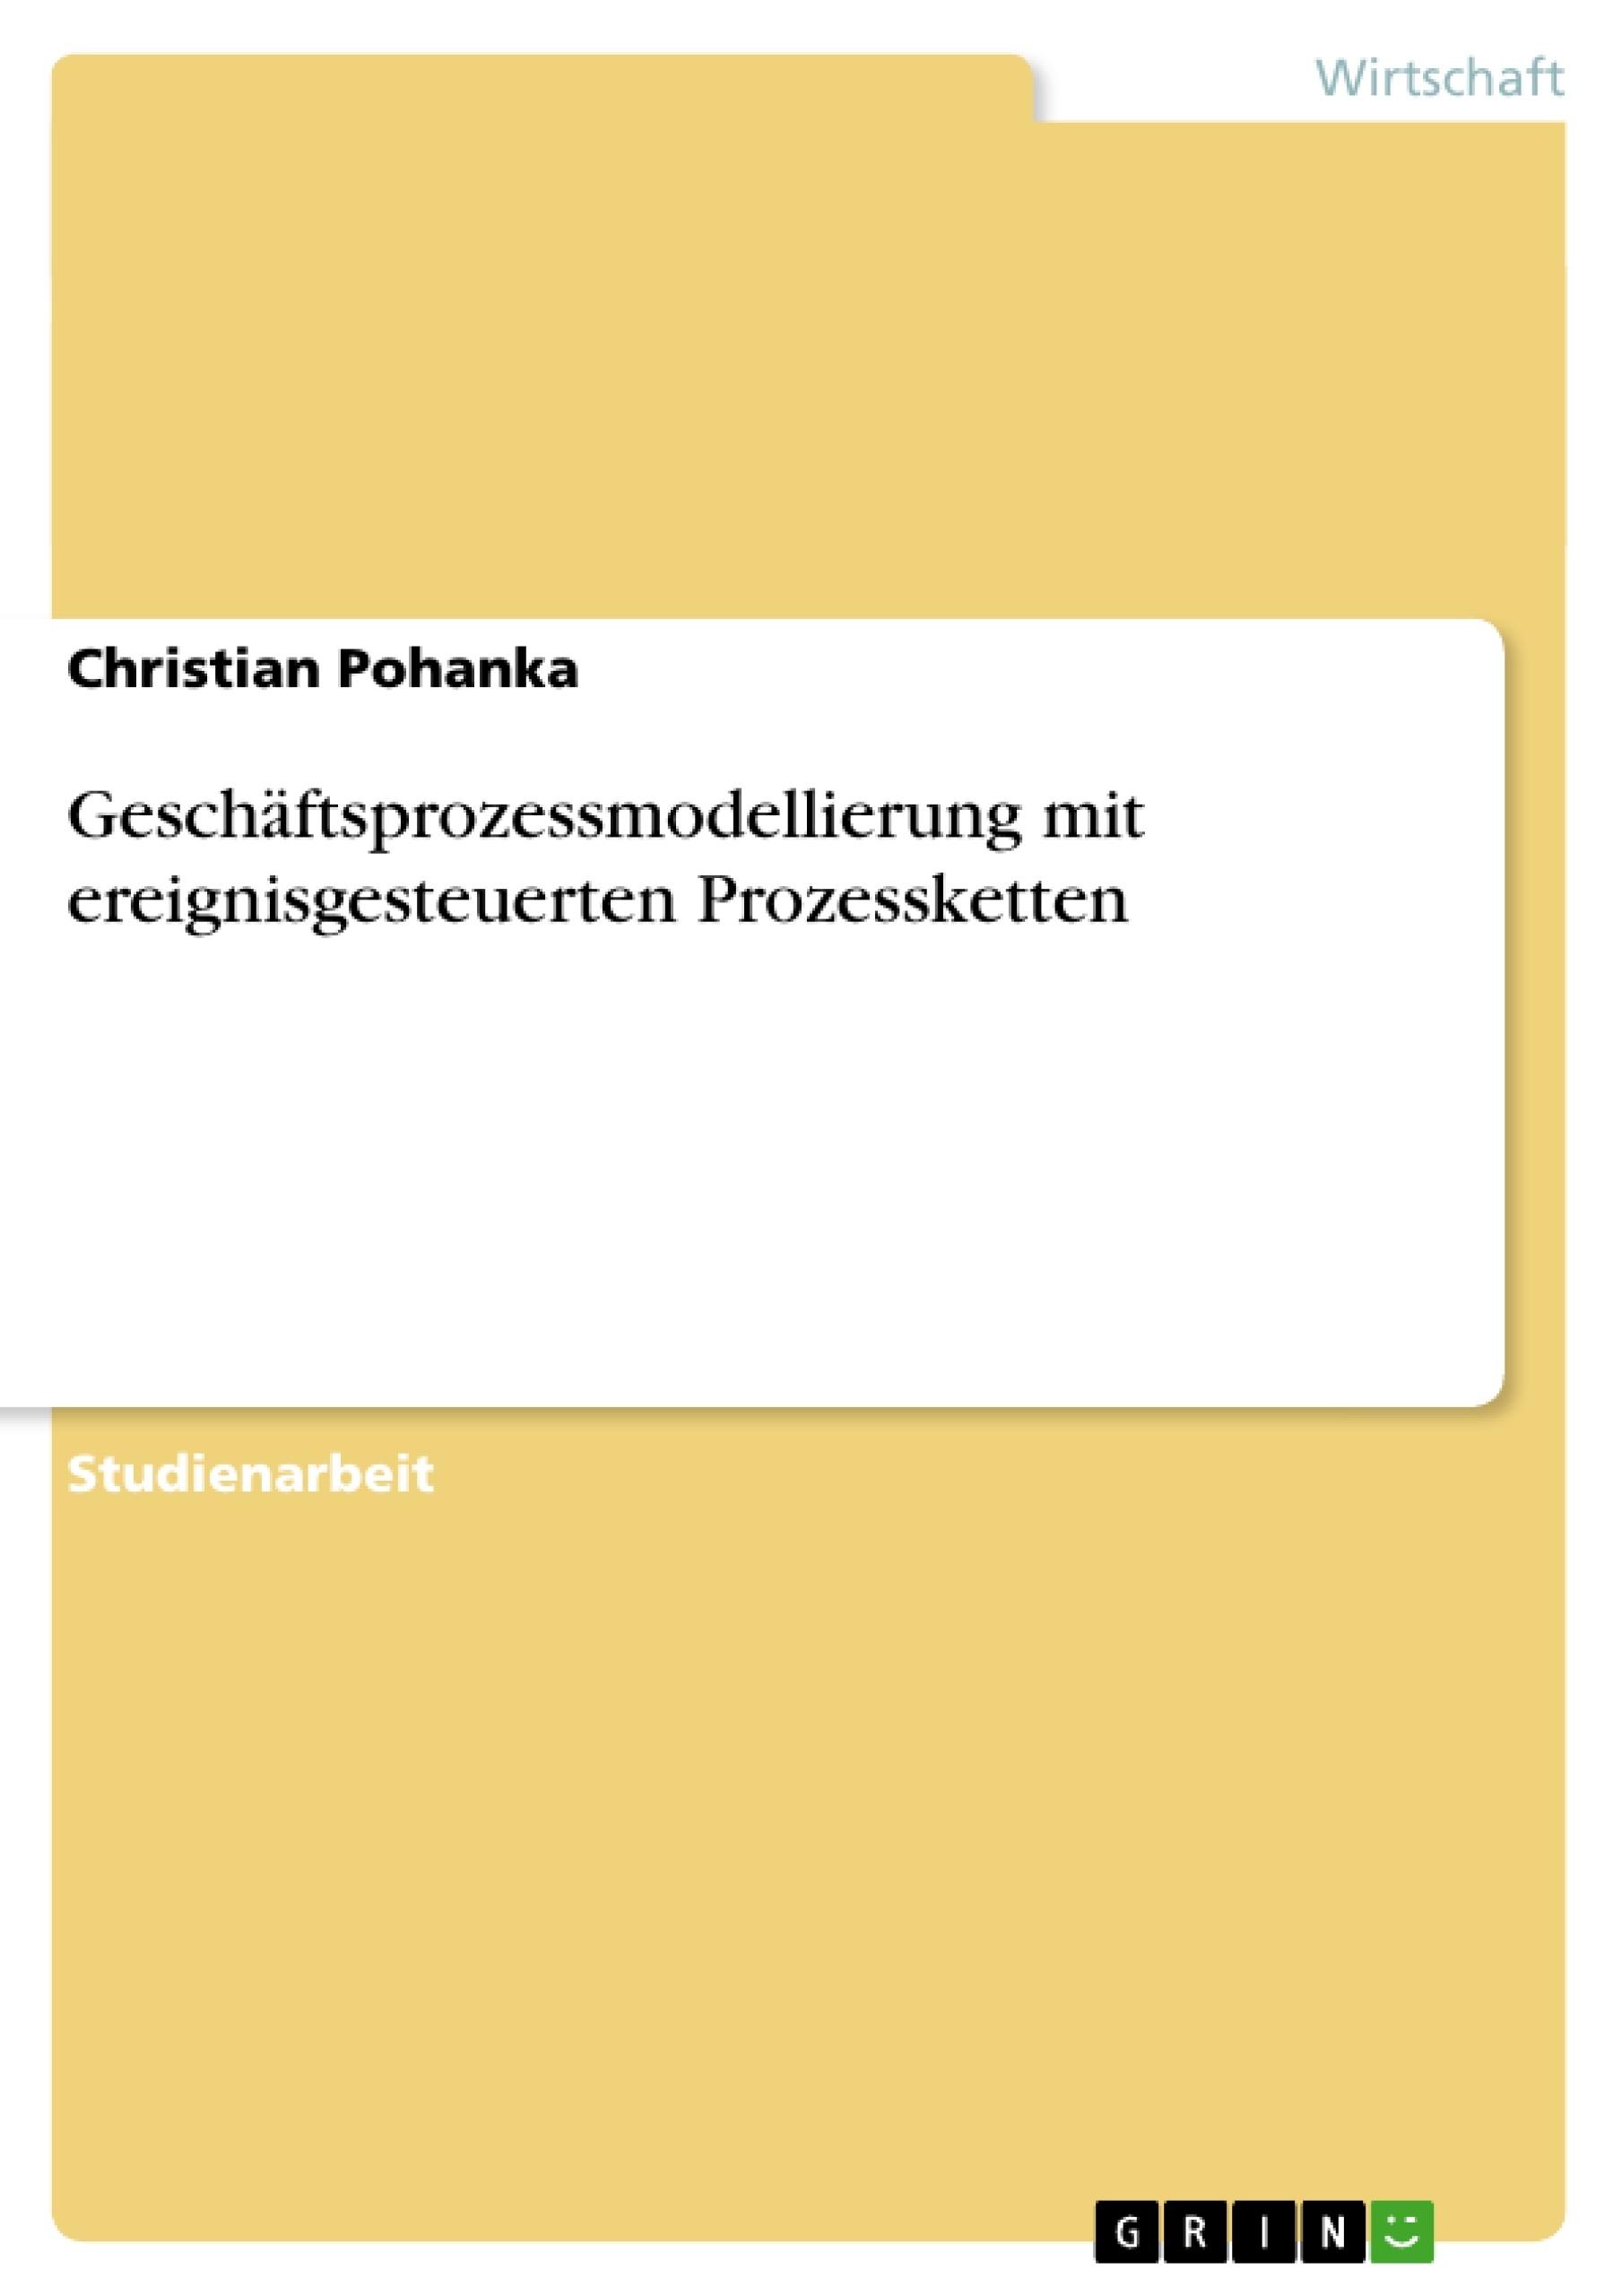 Titel: Geschäftsprozessmodellierung mit ereignisgesteuerten Prozessketten